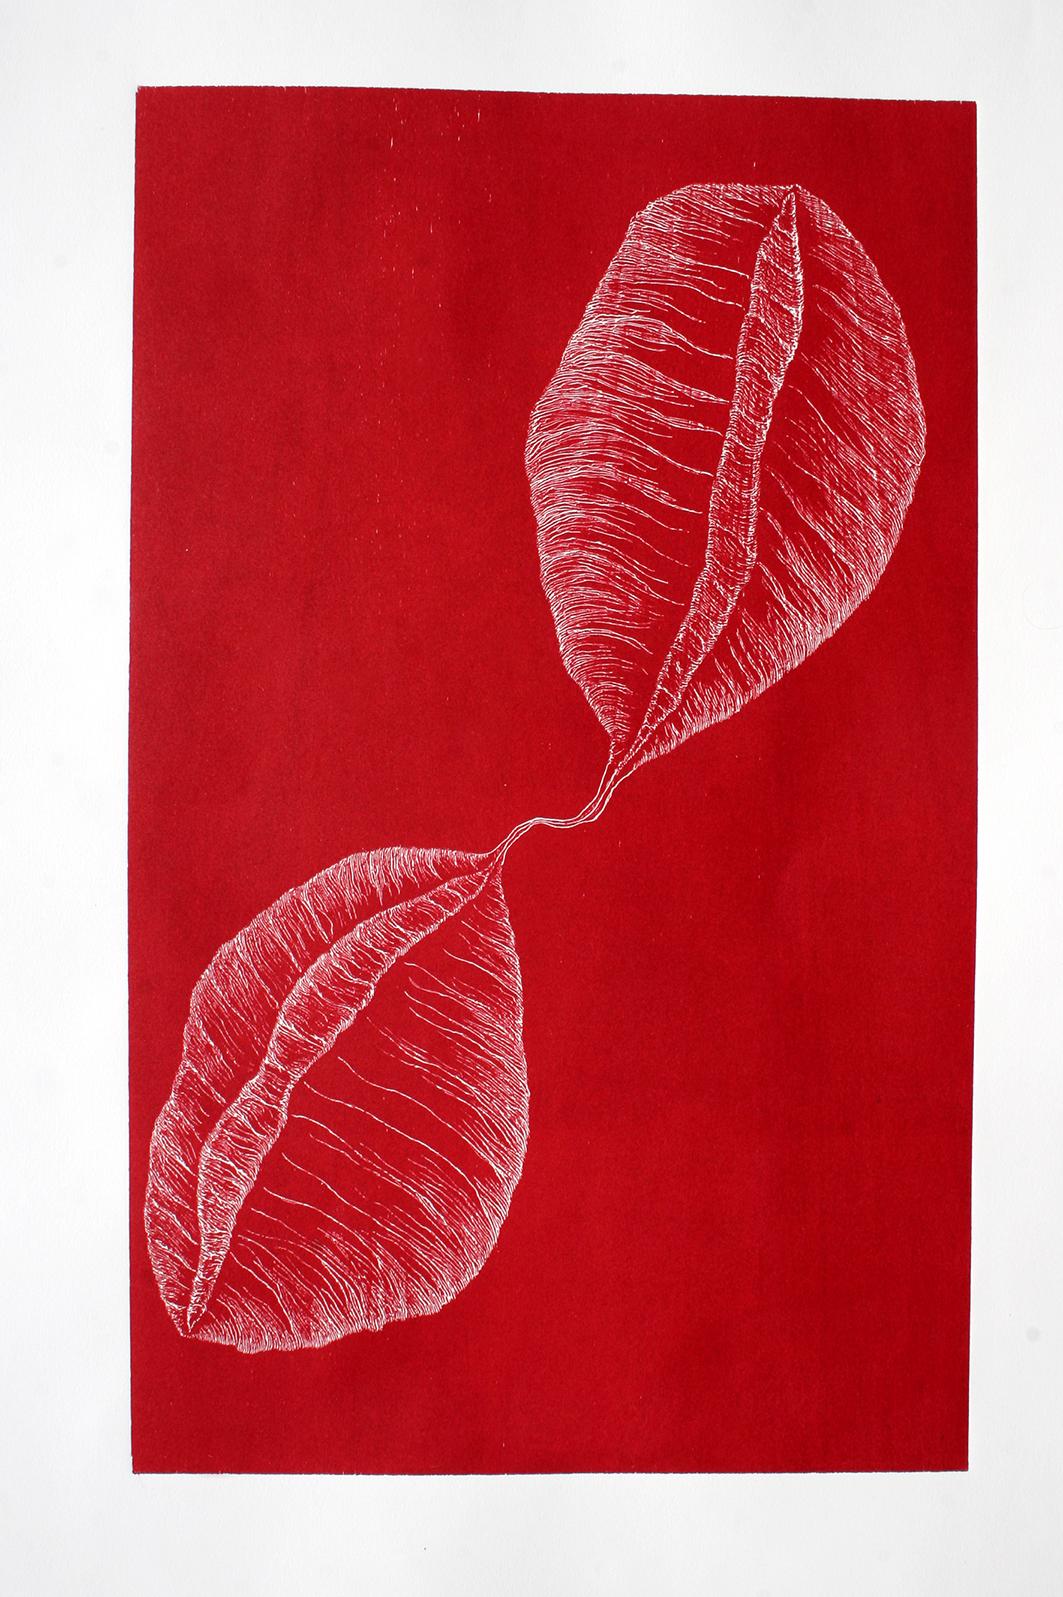 Penil Cobo,  Conexion 1 , Woodcut print, 40x28